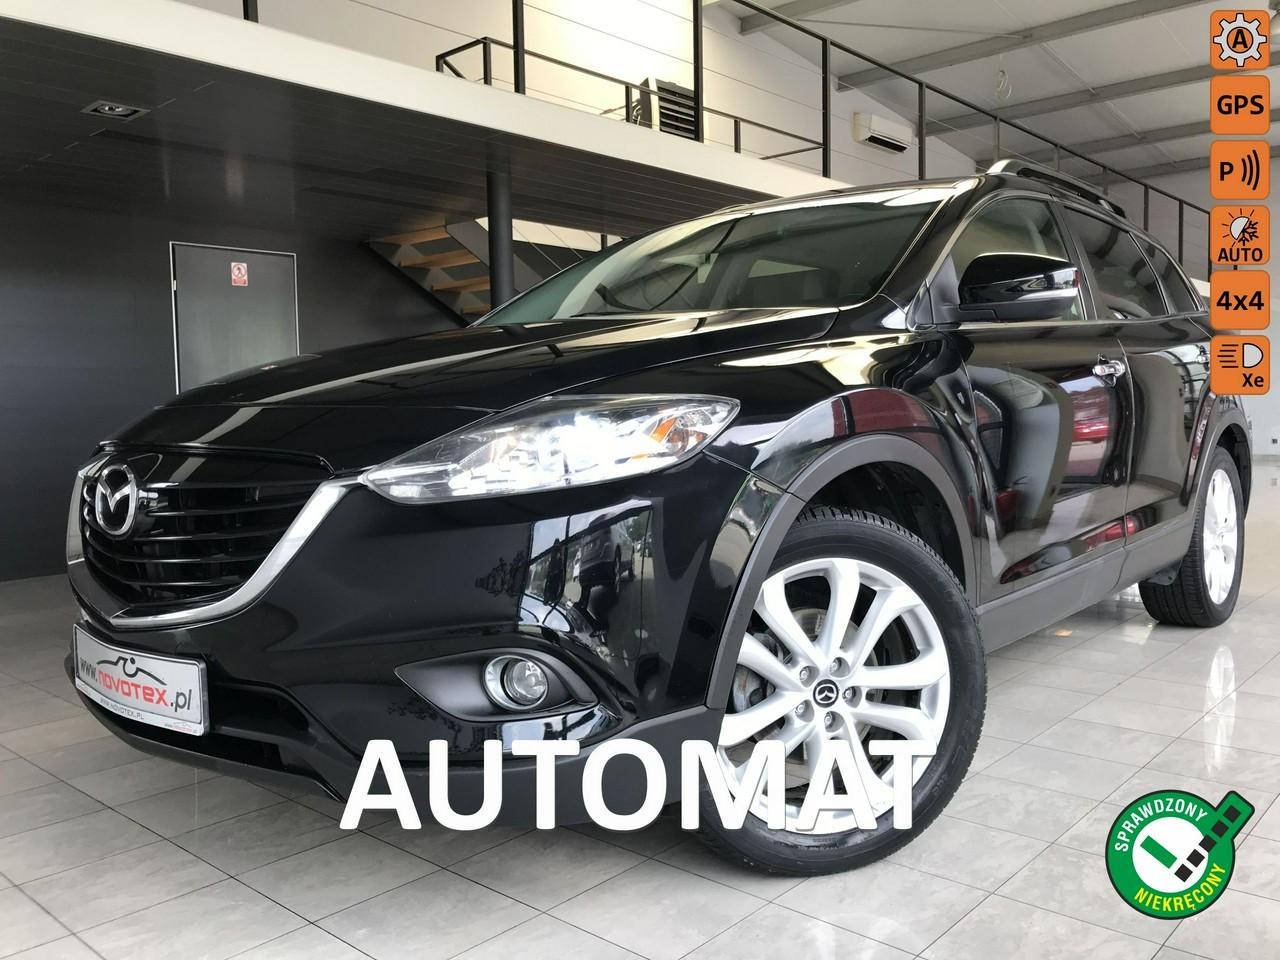 Mazda CX-9 3.7 V6*AWD*automat*7-os*DVD*tylko 142Tkm*gwarancja VIP